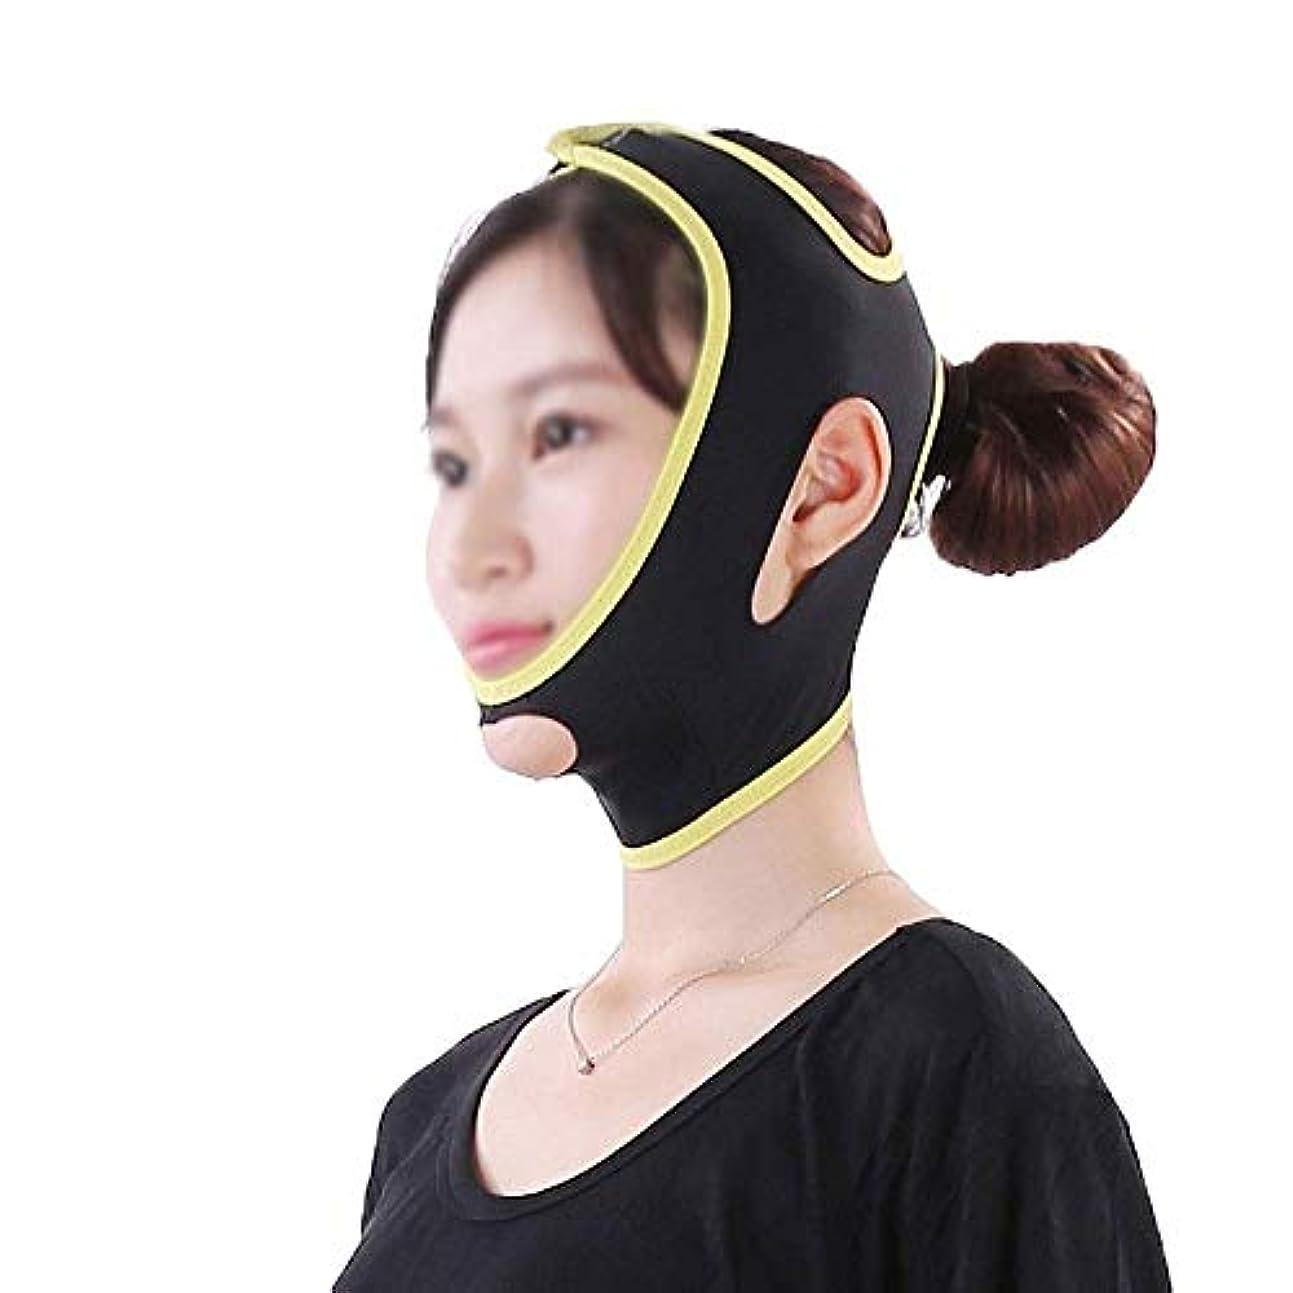 百メジャーワットフェイス&ネックリフト、フェイスリフトマスク強力なフェイスマスクフェイスリフトアーチファクトフェイスリフティングフェイスリフティングツールフェイスリフティング包帯シンフェイスマスク美容マスク(サイズ:L)